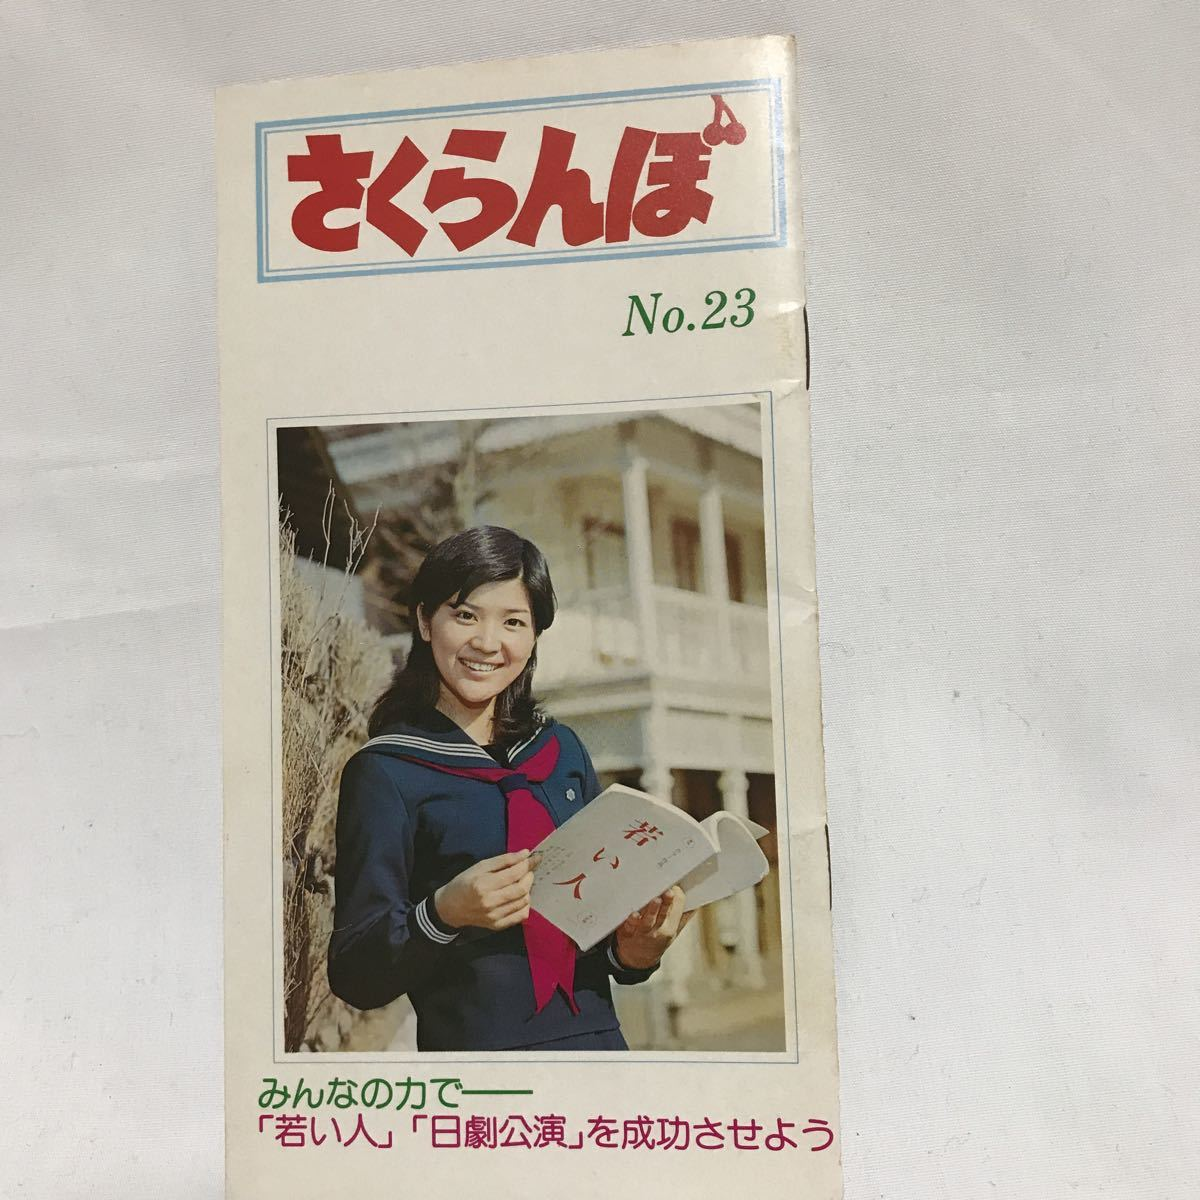 桜田淳子ファンクラブ会報誌/さくらんぼNo.23★昭和52年(1977年)発行